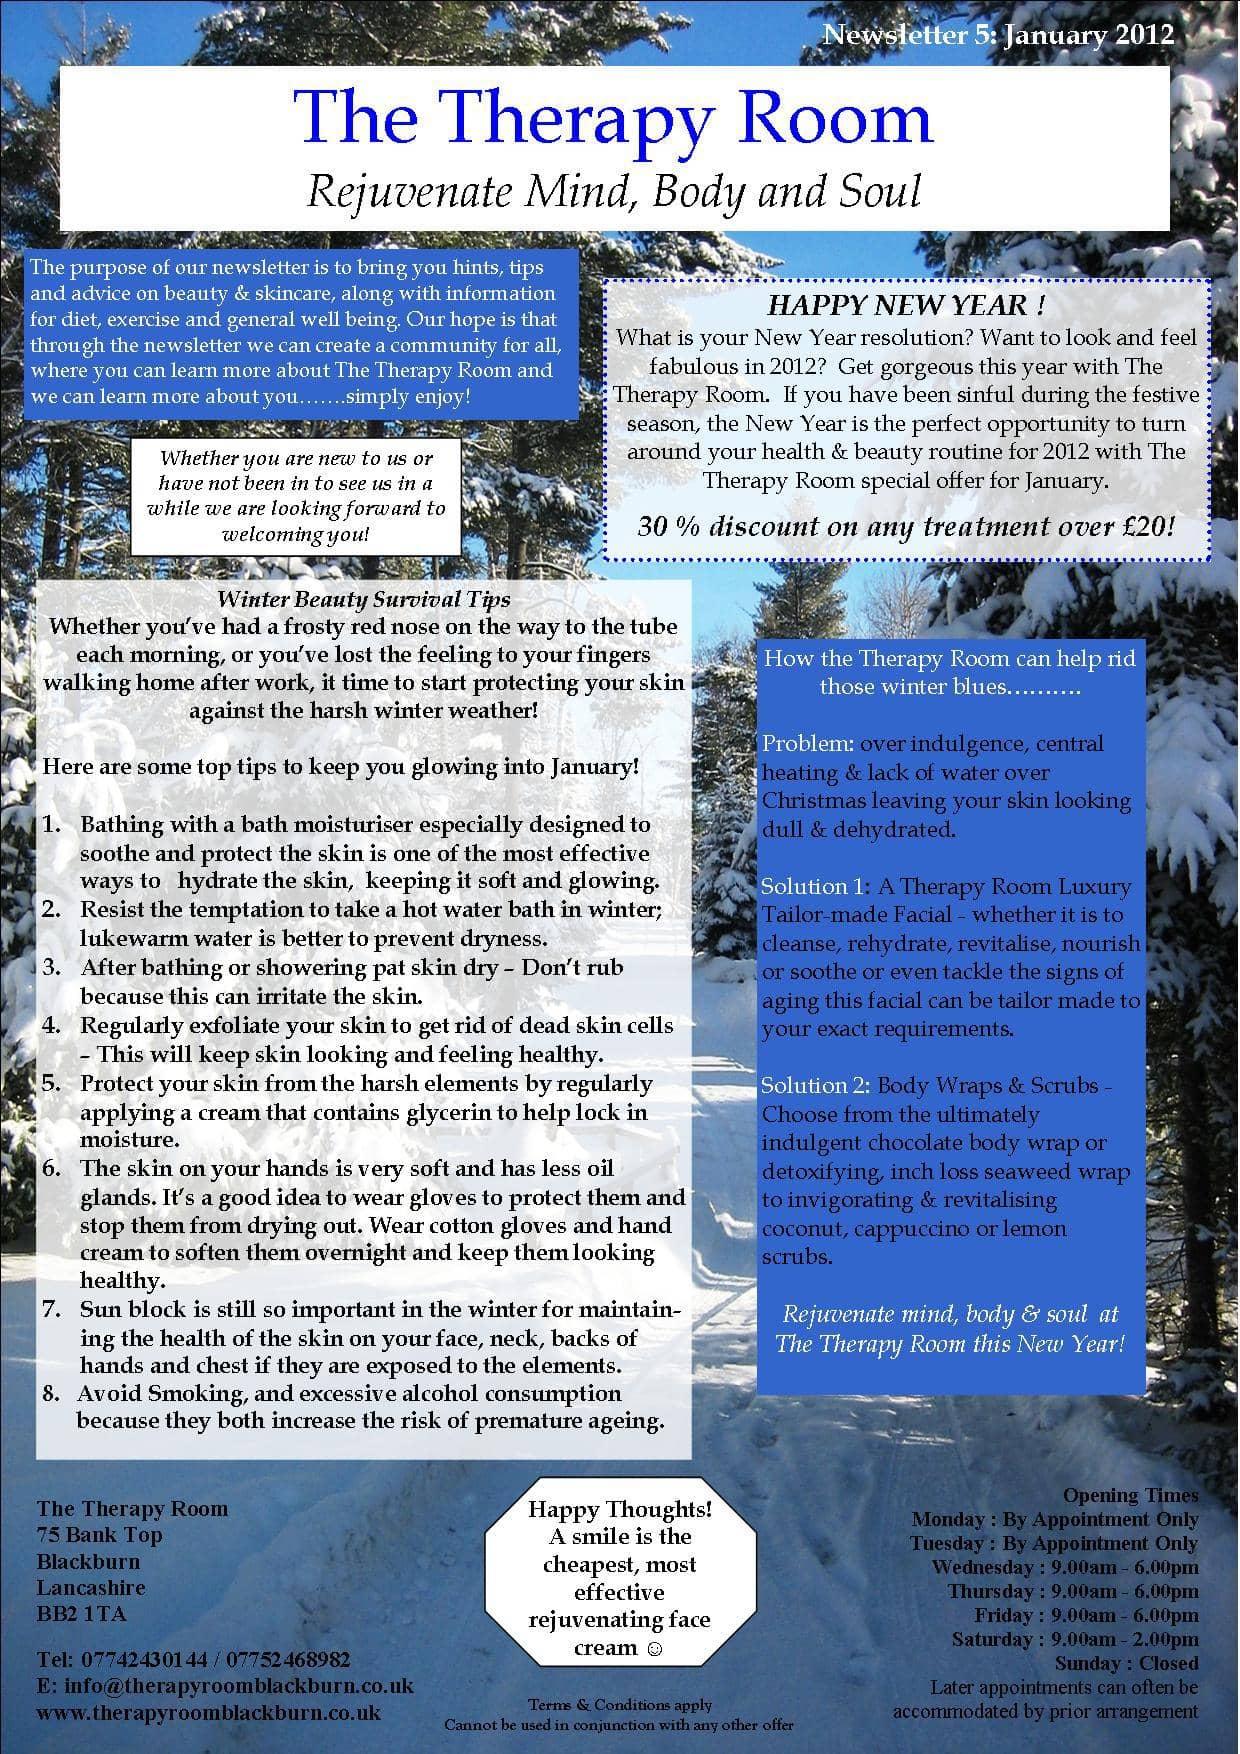 January newsletter 5